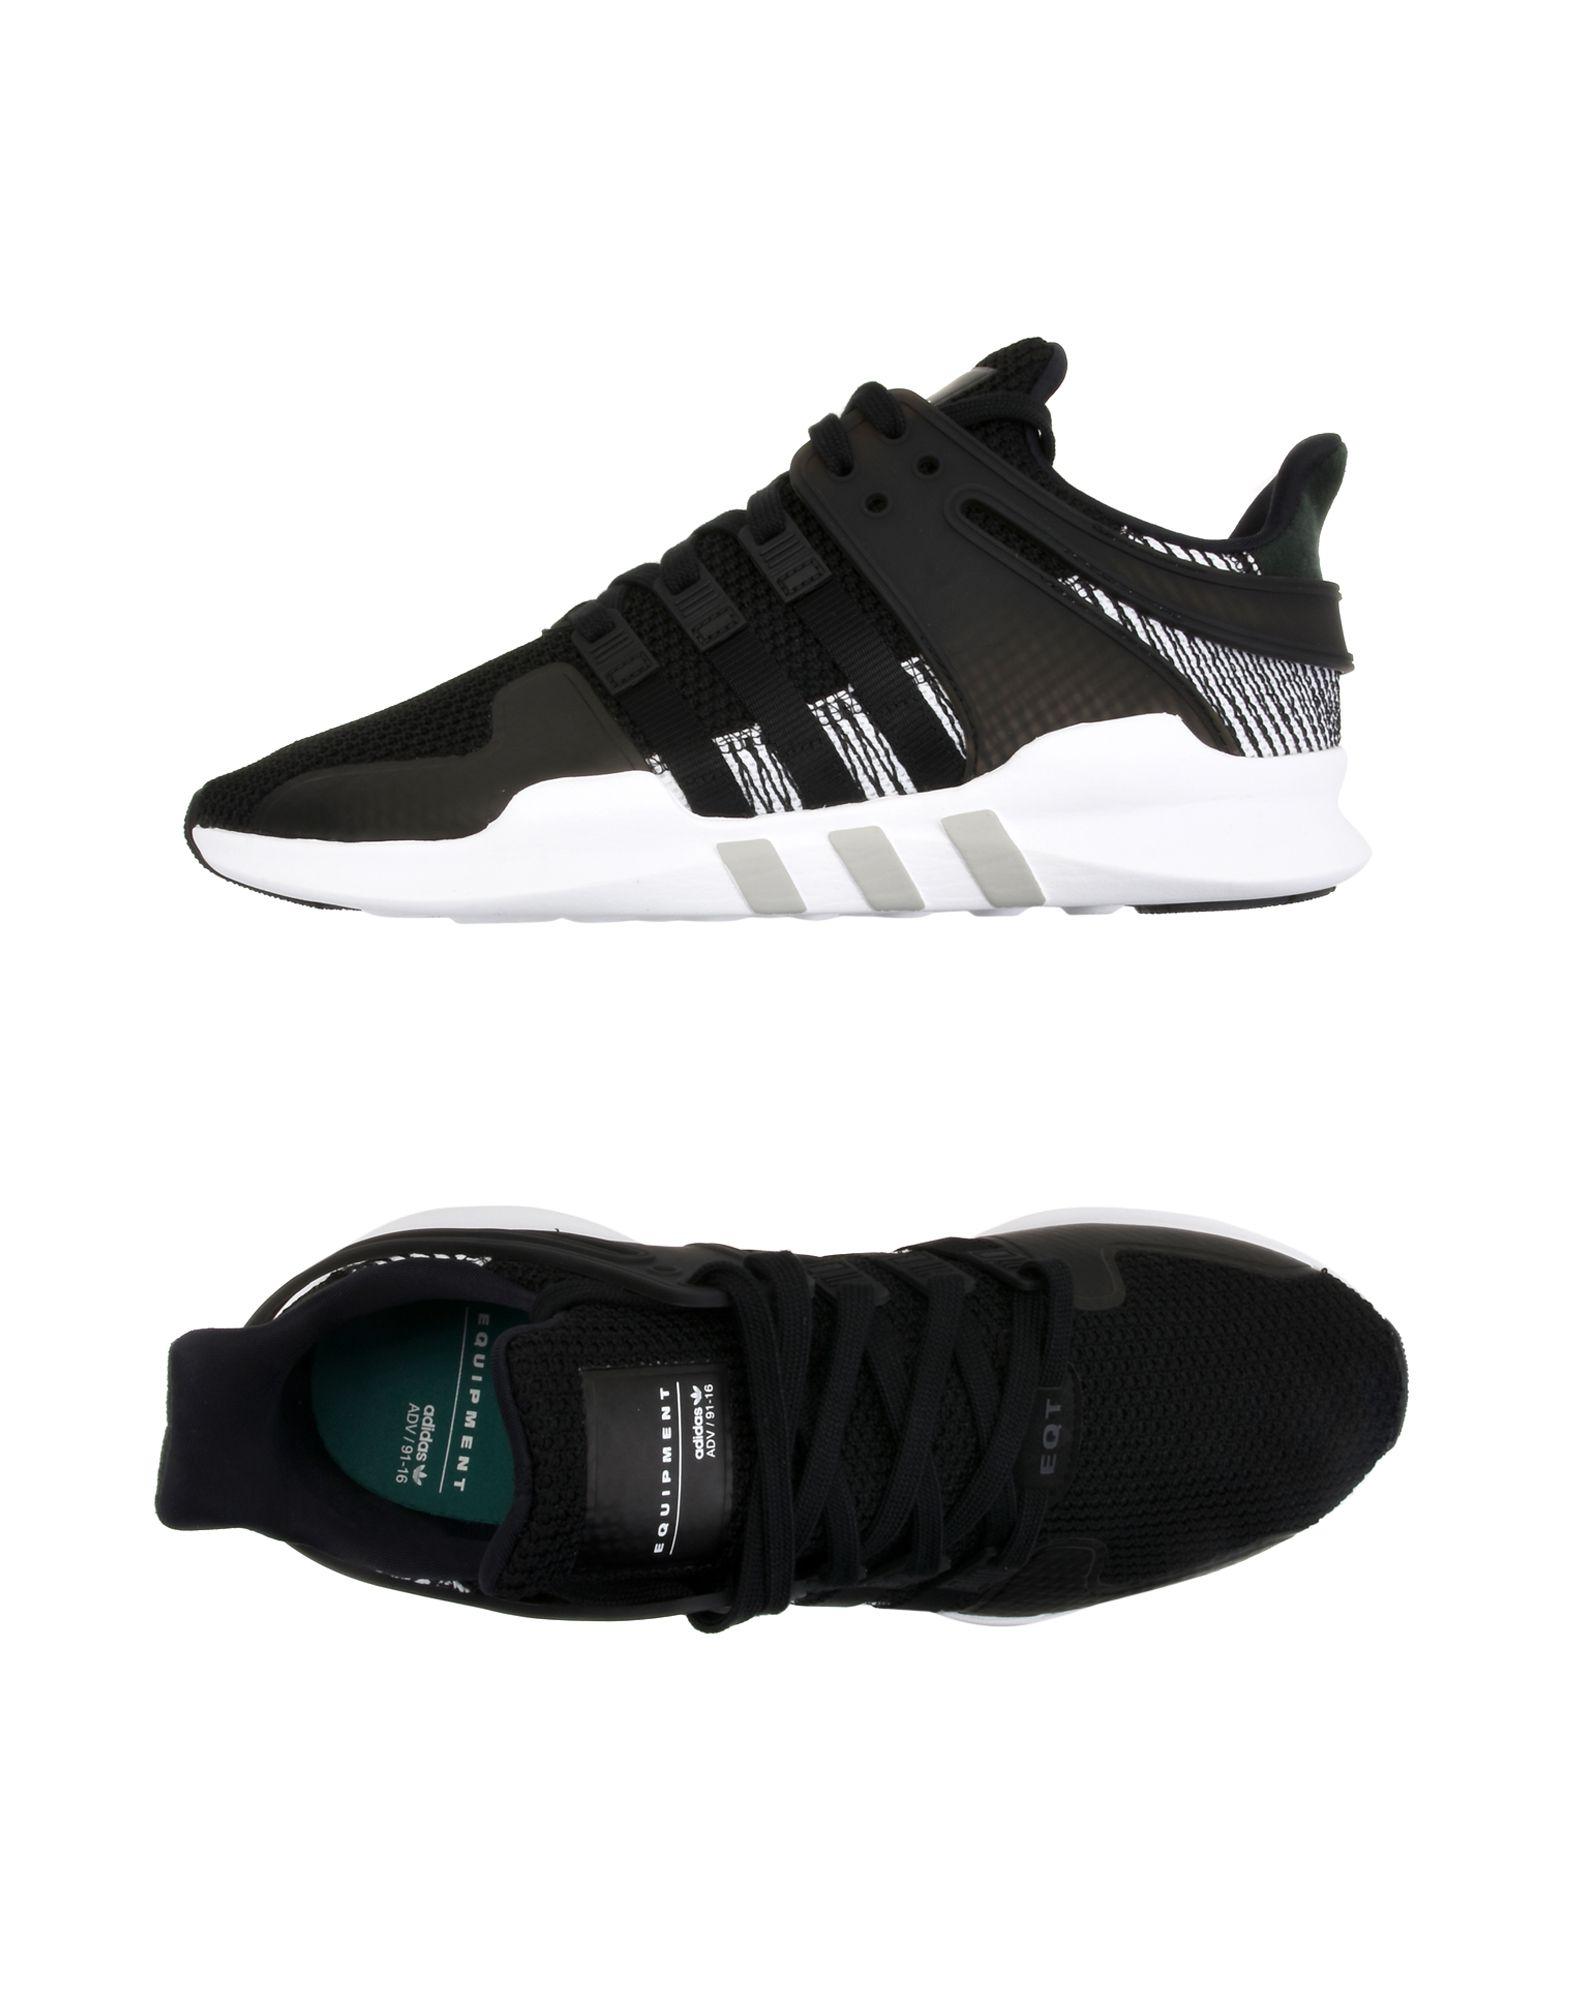 ADIDAS ORIGINALS Низкие кеды и кроссовки кроссовки adidas кроссовки eqt support adv pk cblack cblack ftwwht